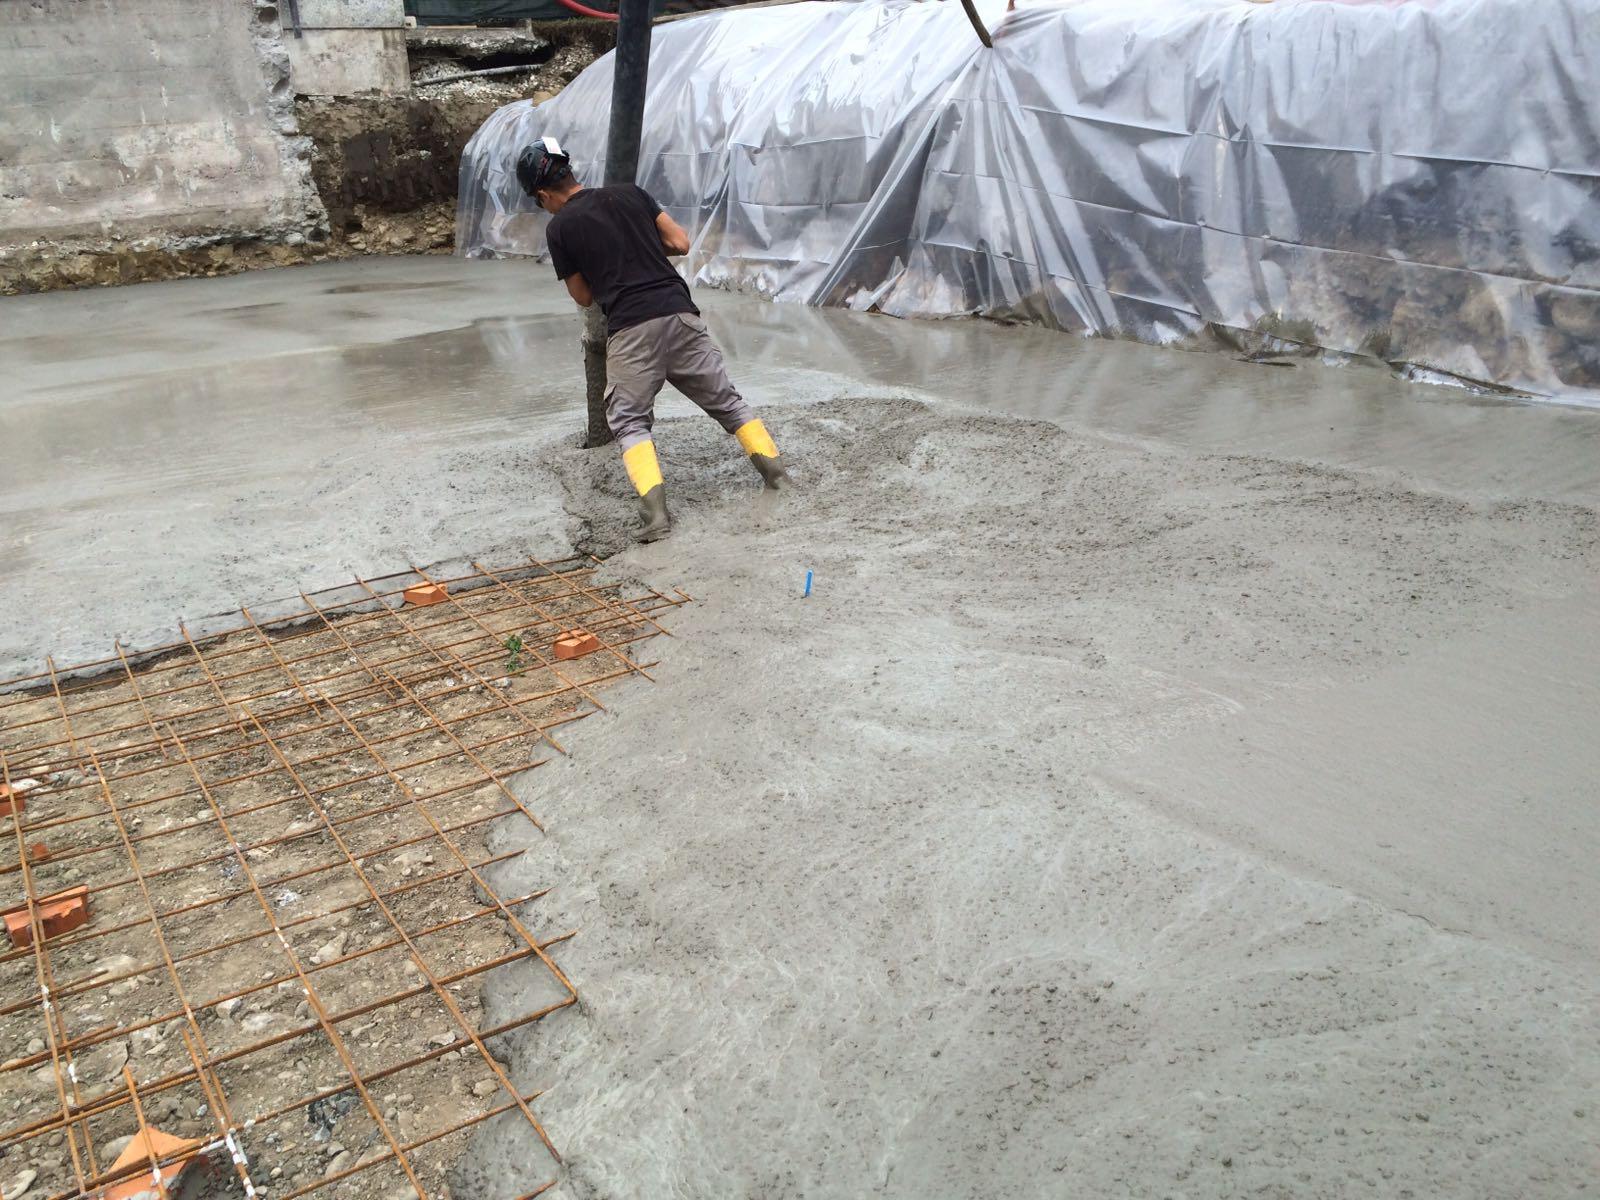 cemento gettato fresco con uomo che regge un palo